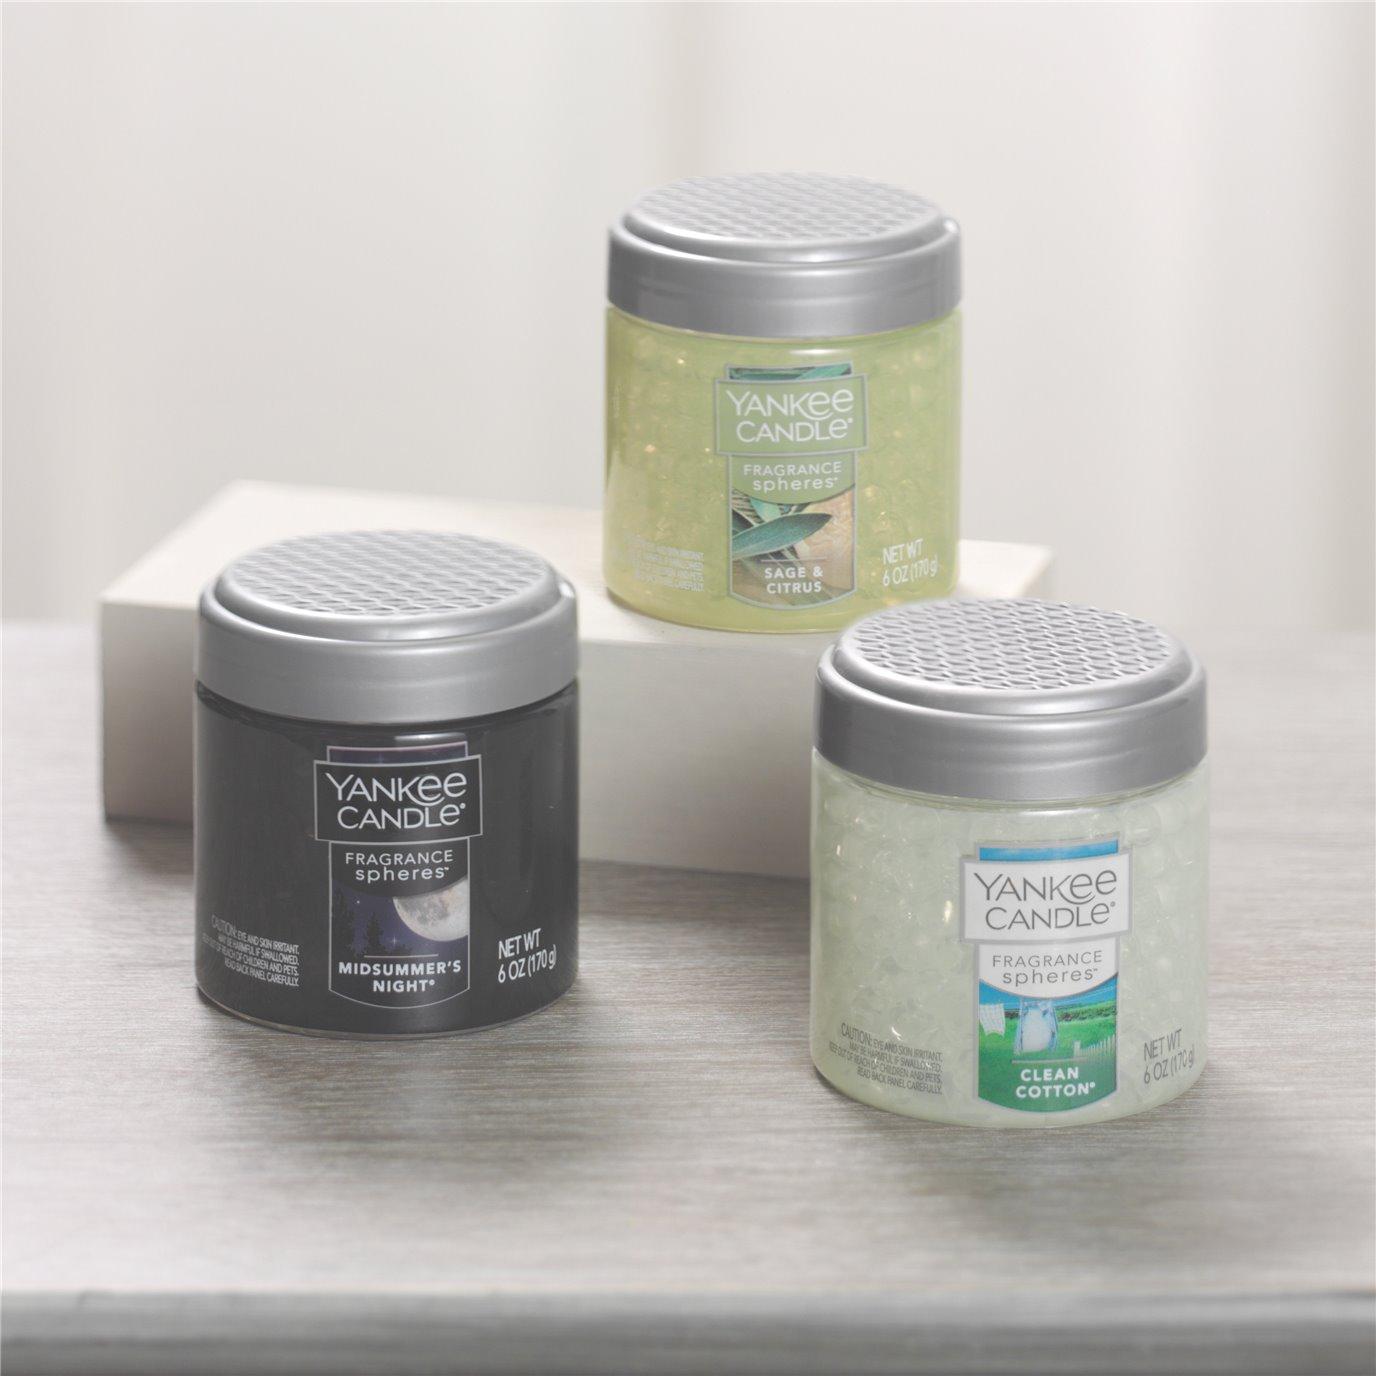 Fragrance Spheres / Odor Eliminating Beads